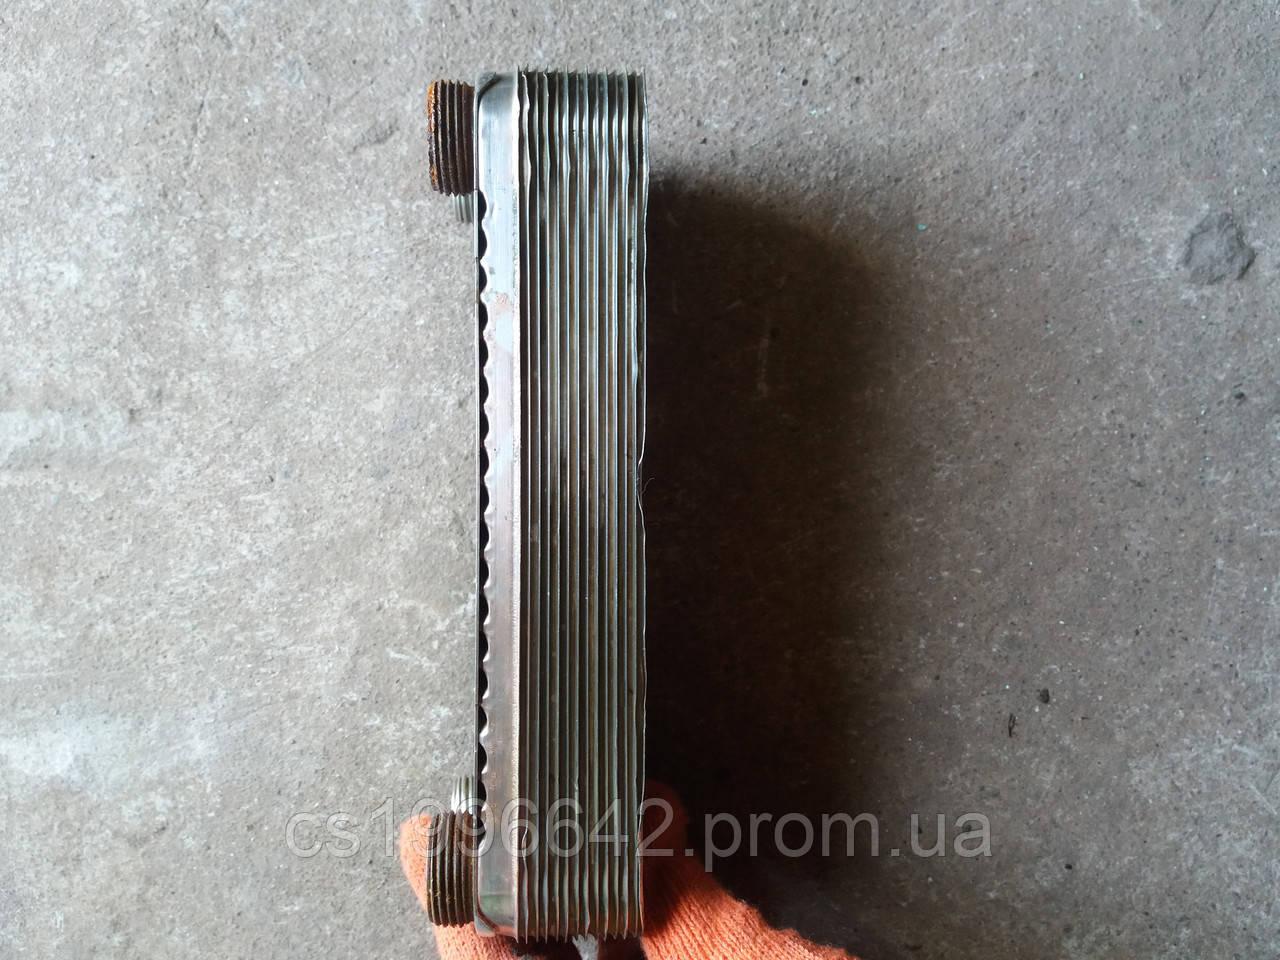 Теплообменник пластинчатый на vaillant Паяный теплообменник Машимпэкс (GEA) GWH 500 Азов